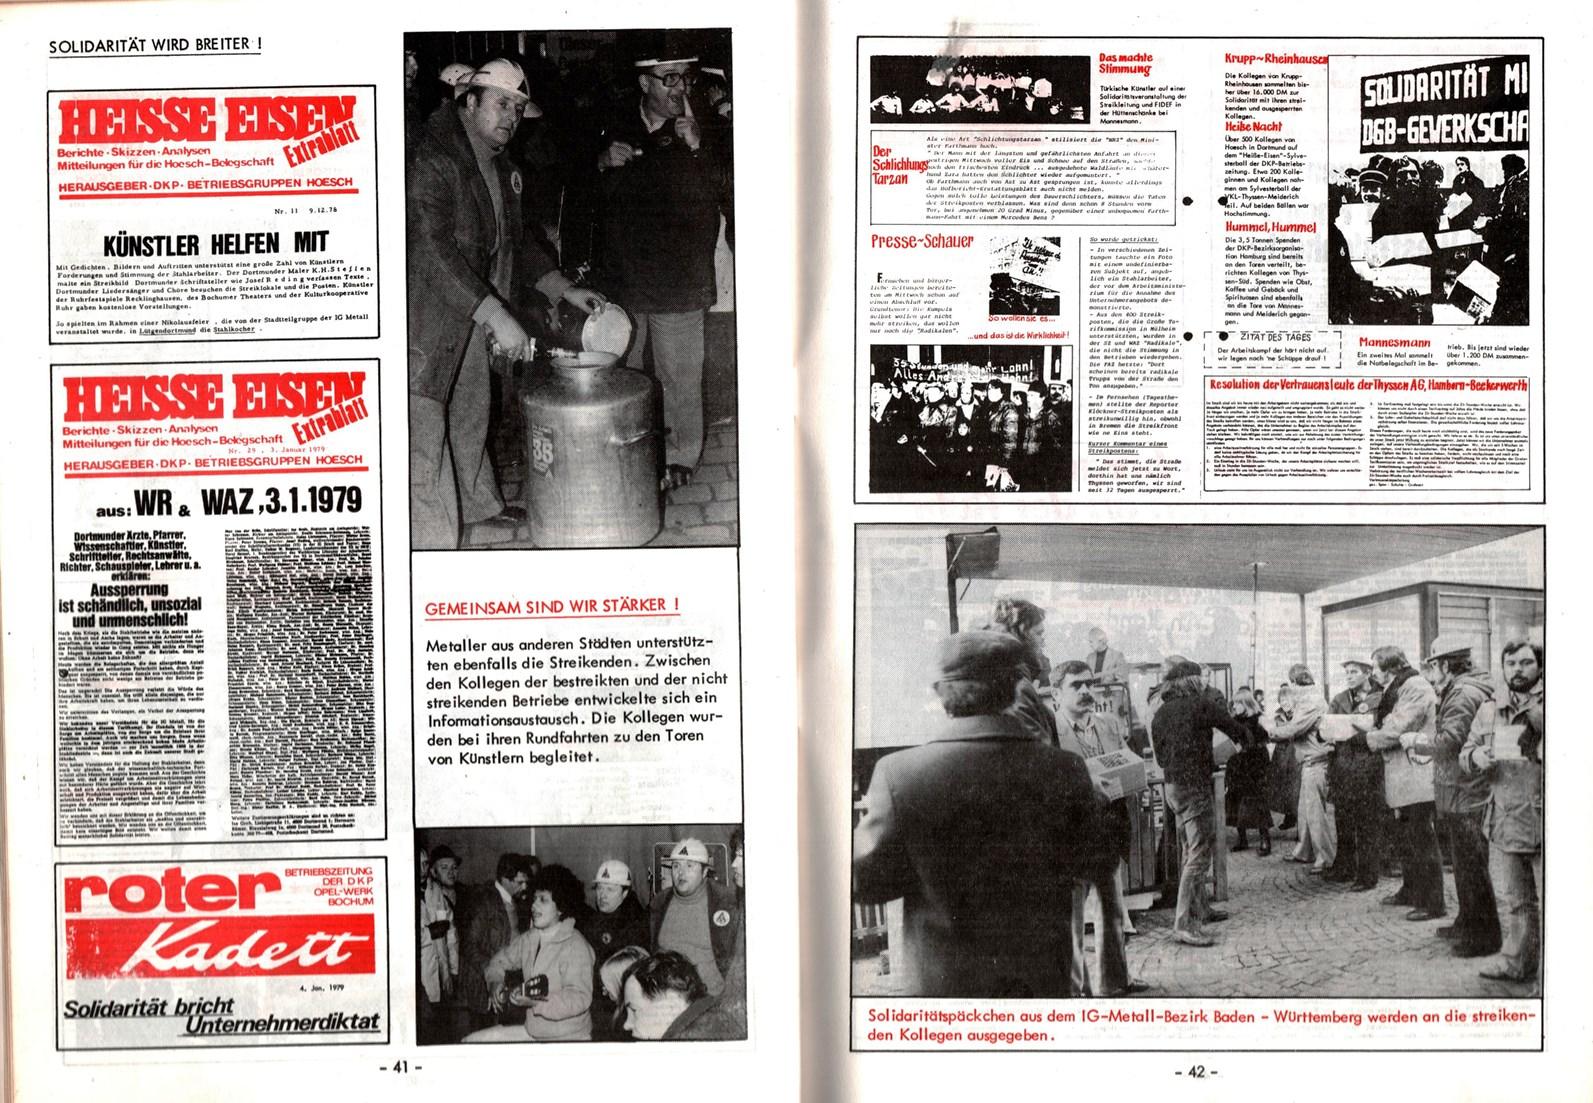 NRW_DKP_Stahlarbeiterstreik_1978_1979_022